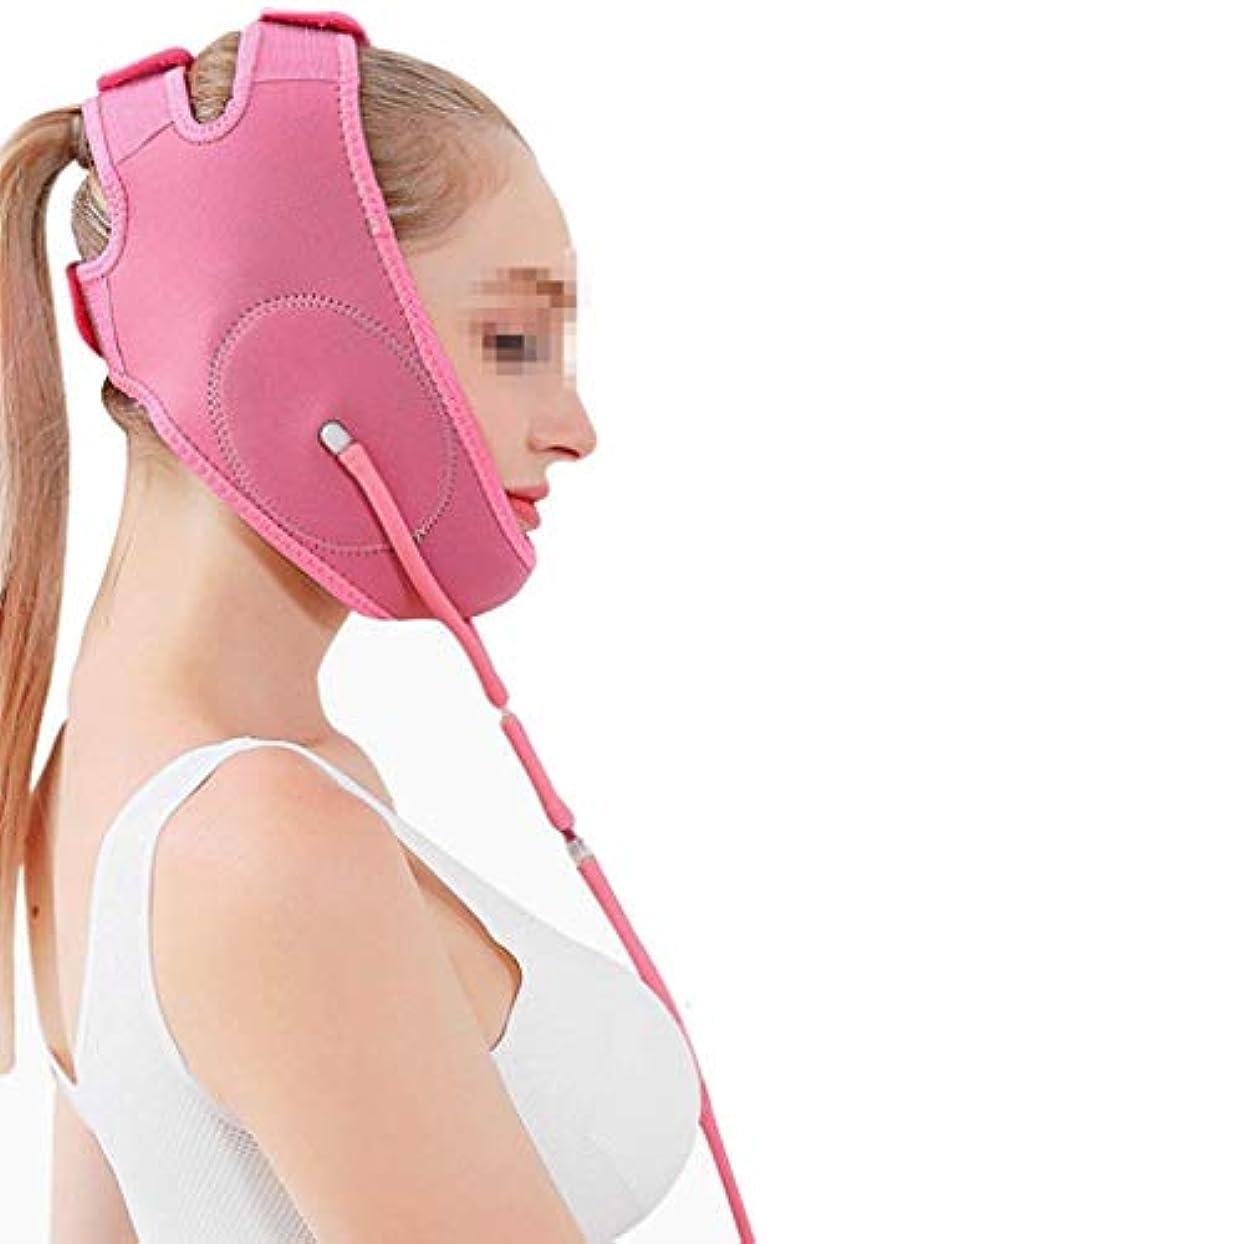 楽しい妊娠した秘密の空気圧薄型フェイスベルト、マスクスモールVフェイスプレッシャーリフティングシェイプバイトマッスルファーミングパターンダブルチンバンデージシンフェイスバンデージマルチカラーオプション(色:ピンク)